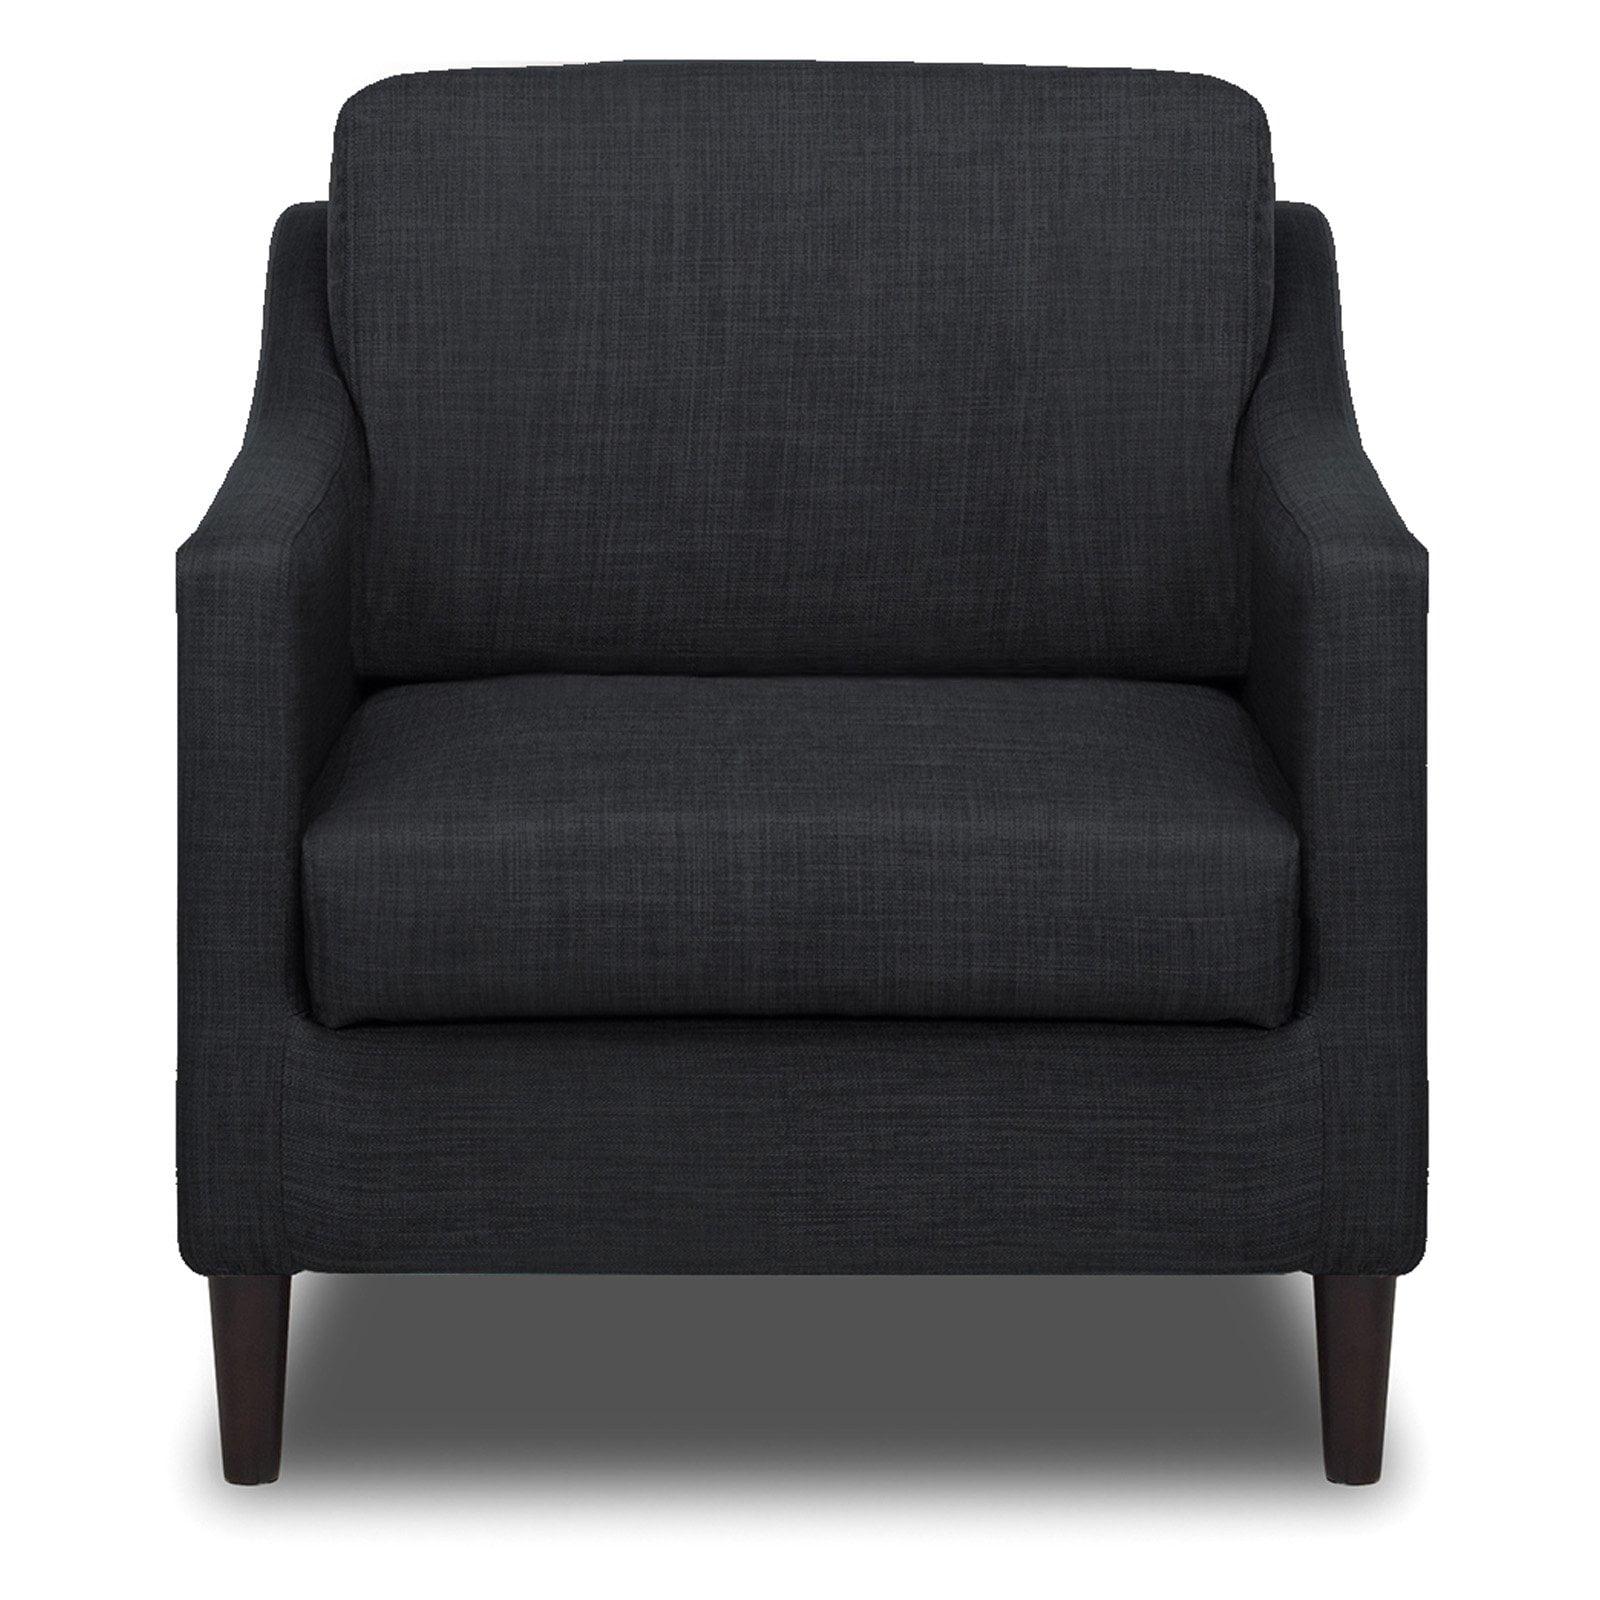 Dwell Home Sofa 2 Go Decker Chair